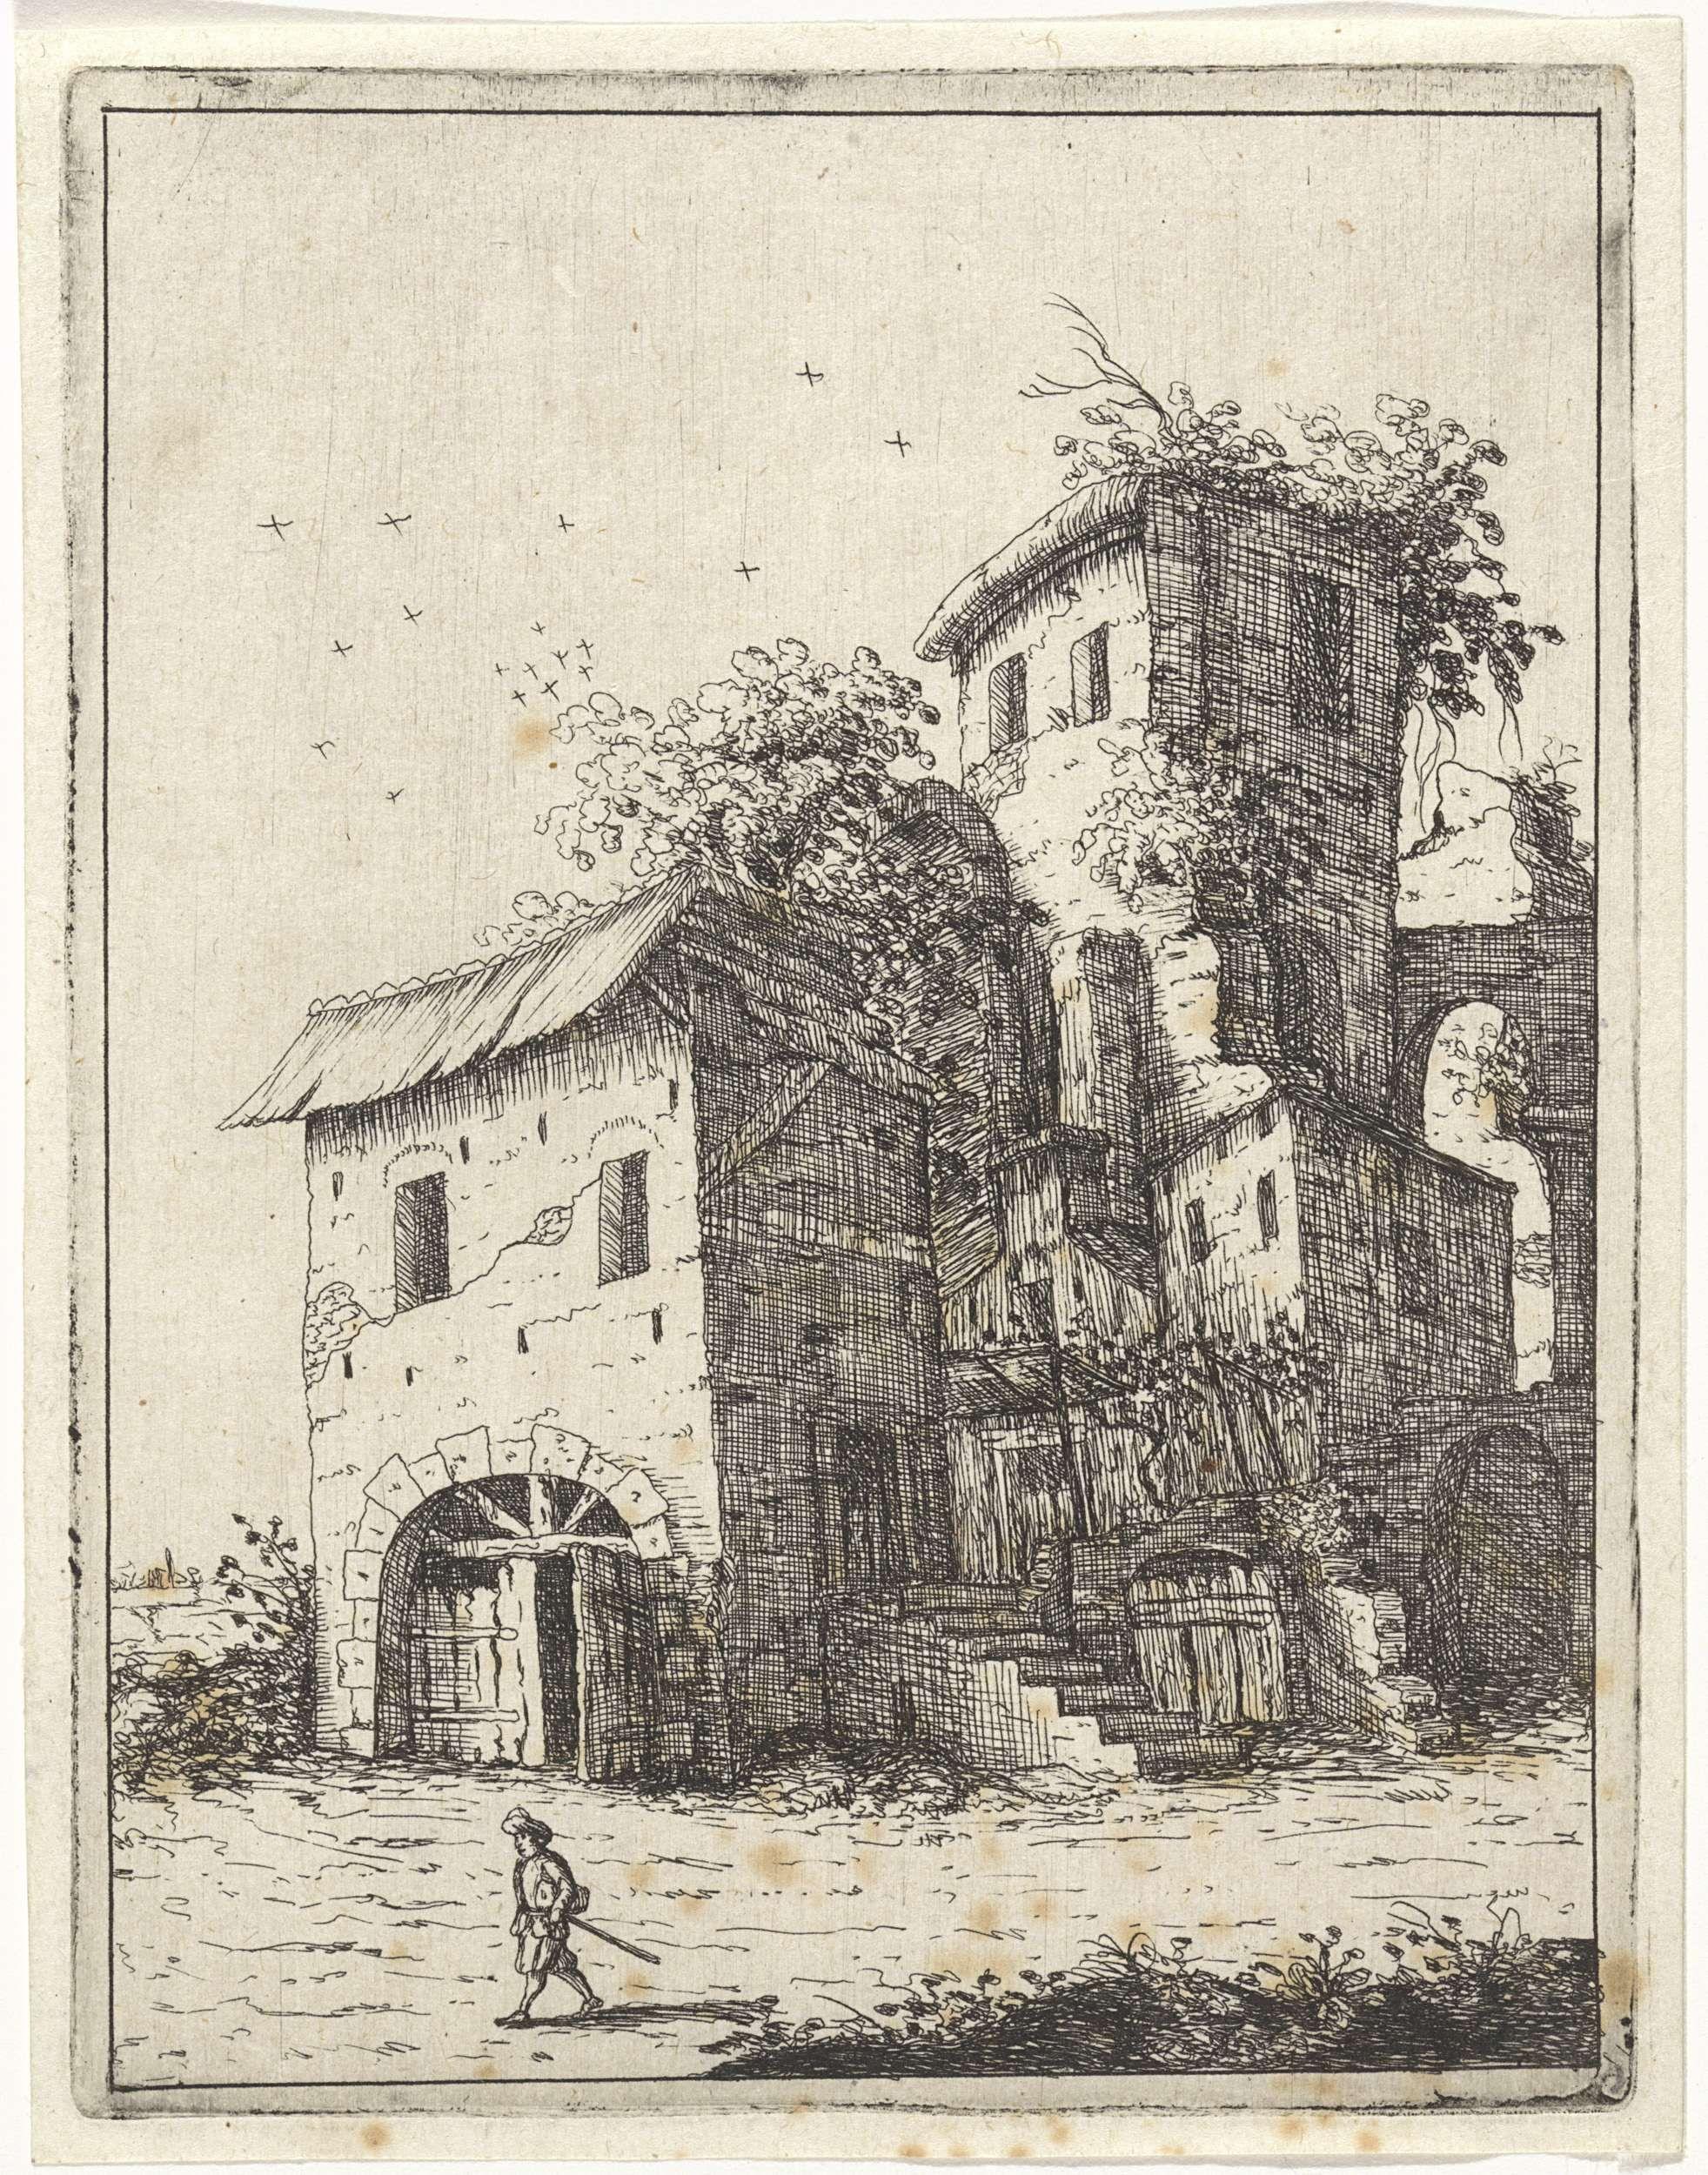 M. Schaep | Vervallen landhuis met een toren, M. Schaep, Bartholomeus Breenbergh, 1648 | In het midden een deels vervallen landhuis met een houten poort, een toren en een arcade. Links vooraan loopt een man.